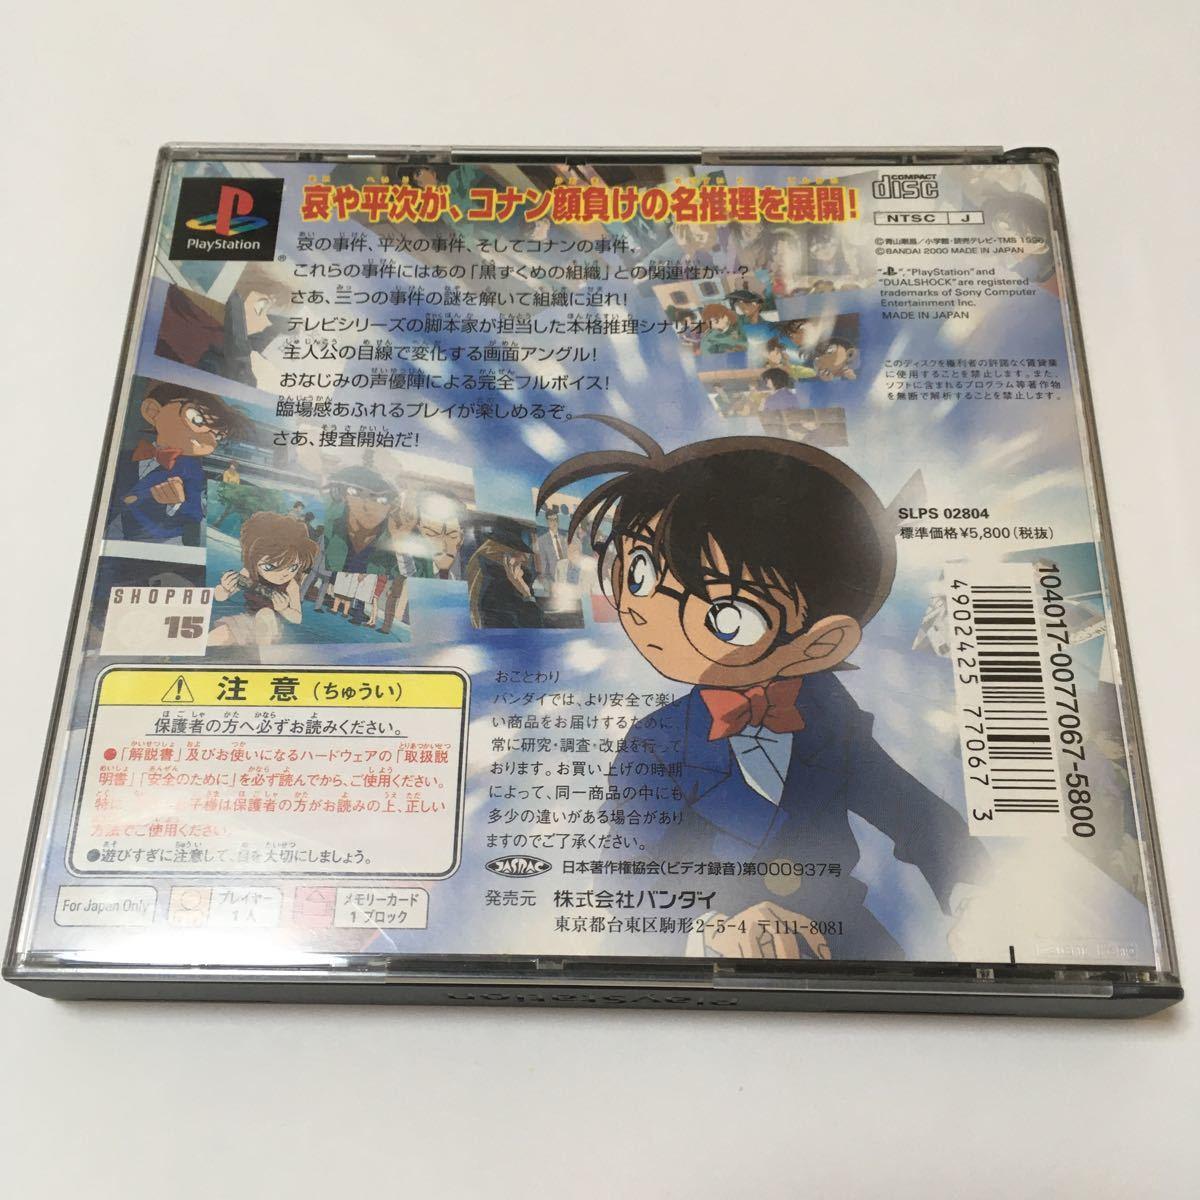 PlayStation ソフト 名探偵コナン 3人の名推理 動作確認済み プレイステーション プレステ バンダイ レトロ ゲーム